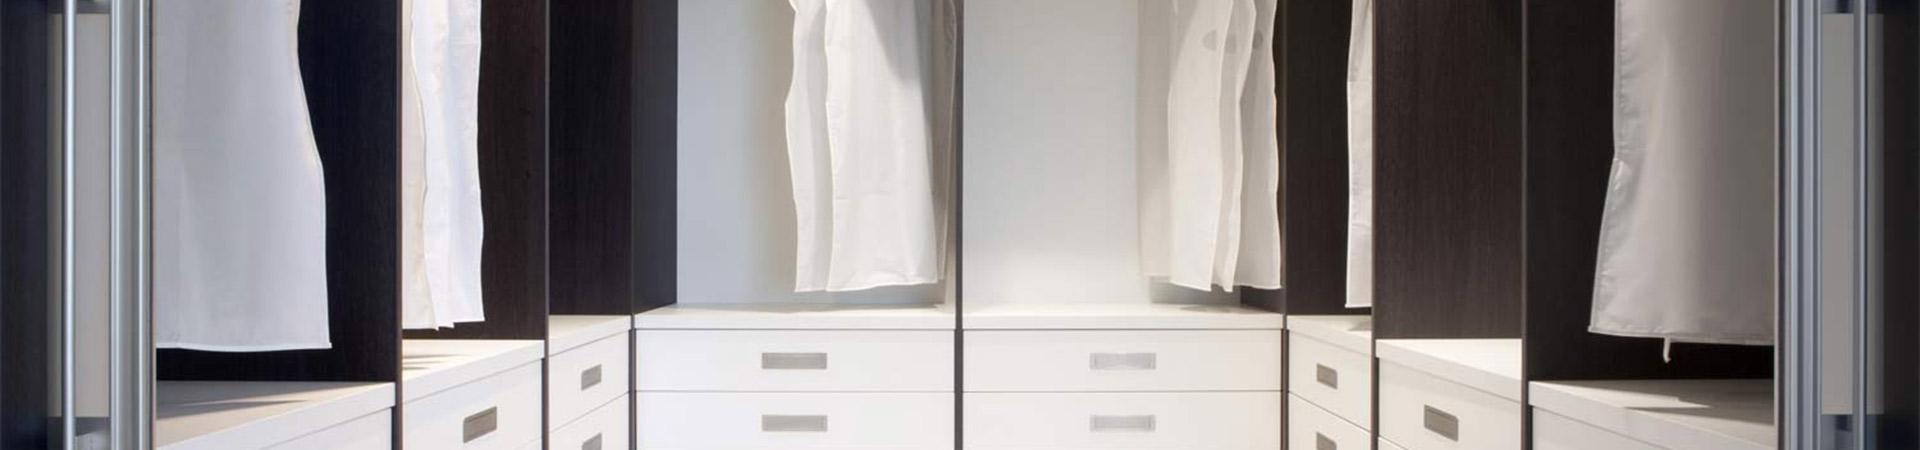 Accessoires en verlichting maken de kast | Robin Hoet Interieur